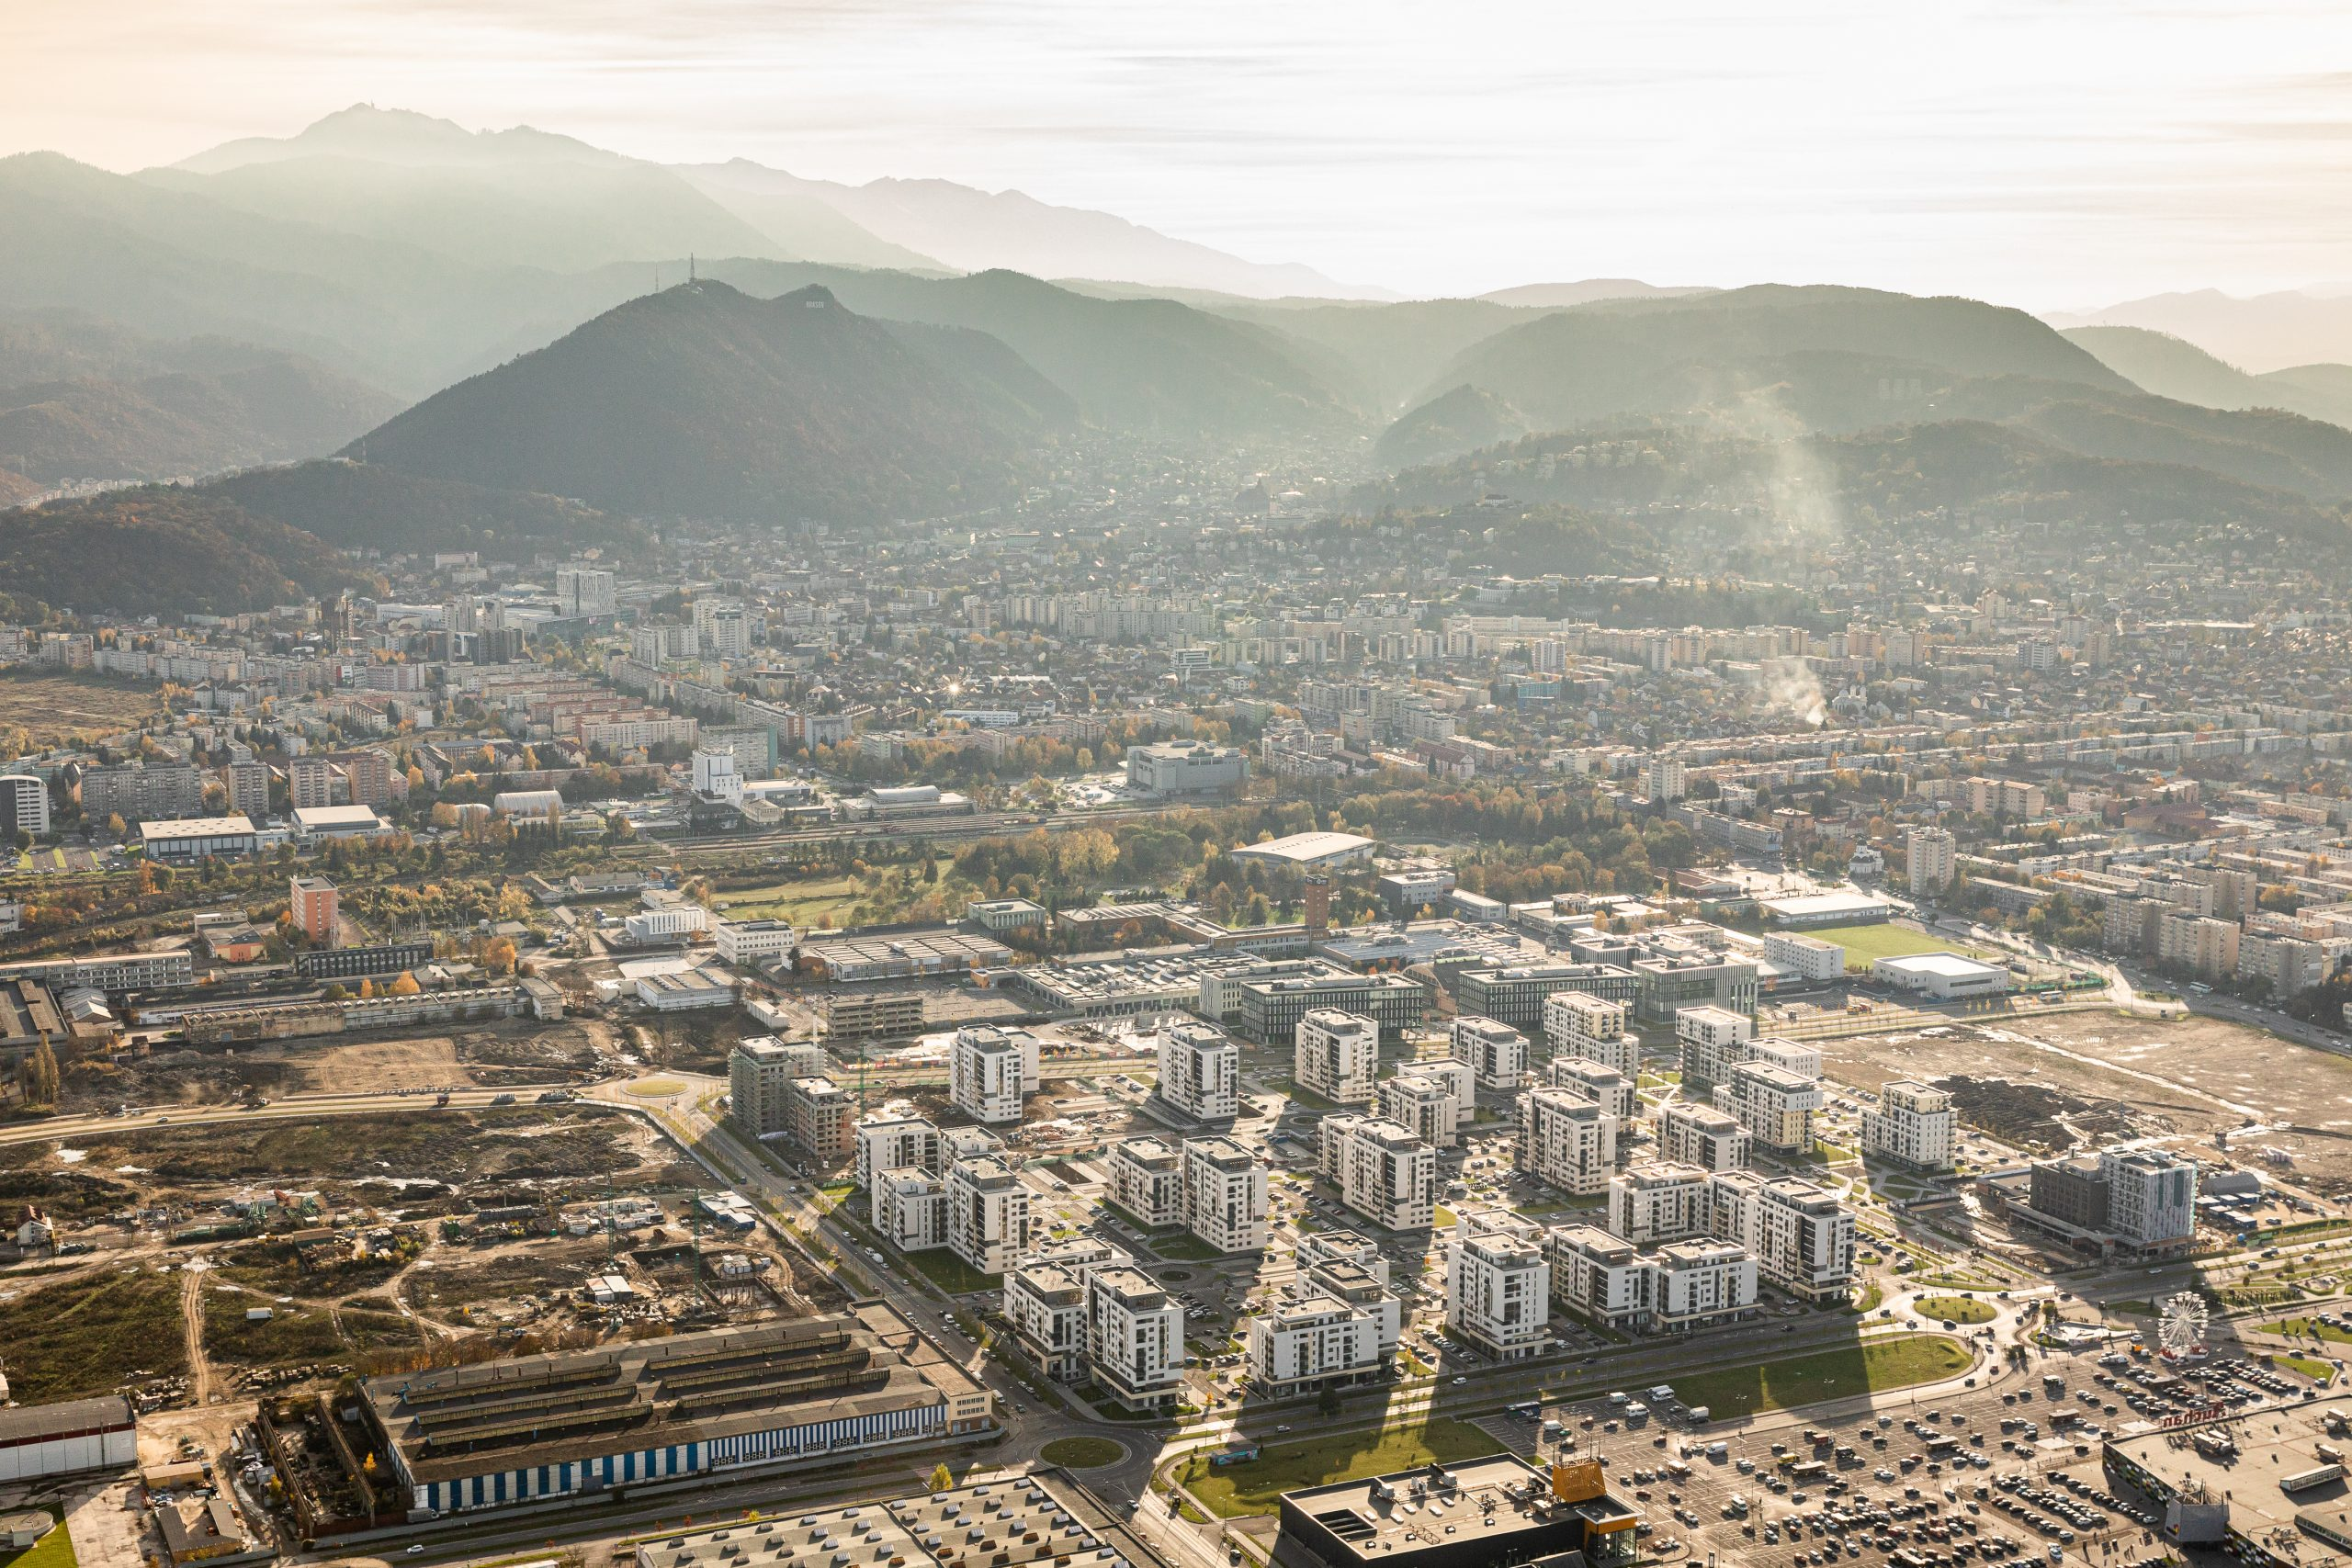 Coresi Avatgarden, prima zonă a Brașovului care a fost adaptată noilor direcții ale urbanismului modern.